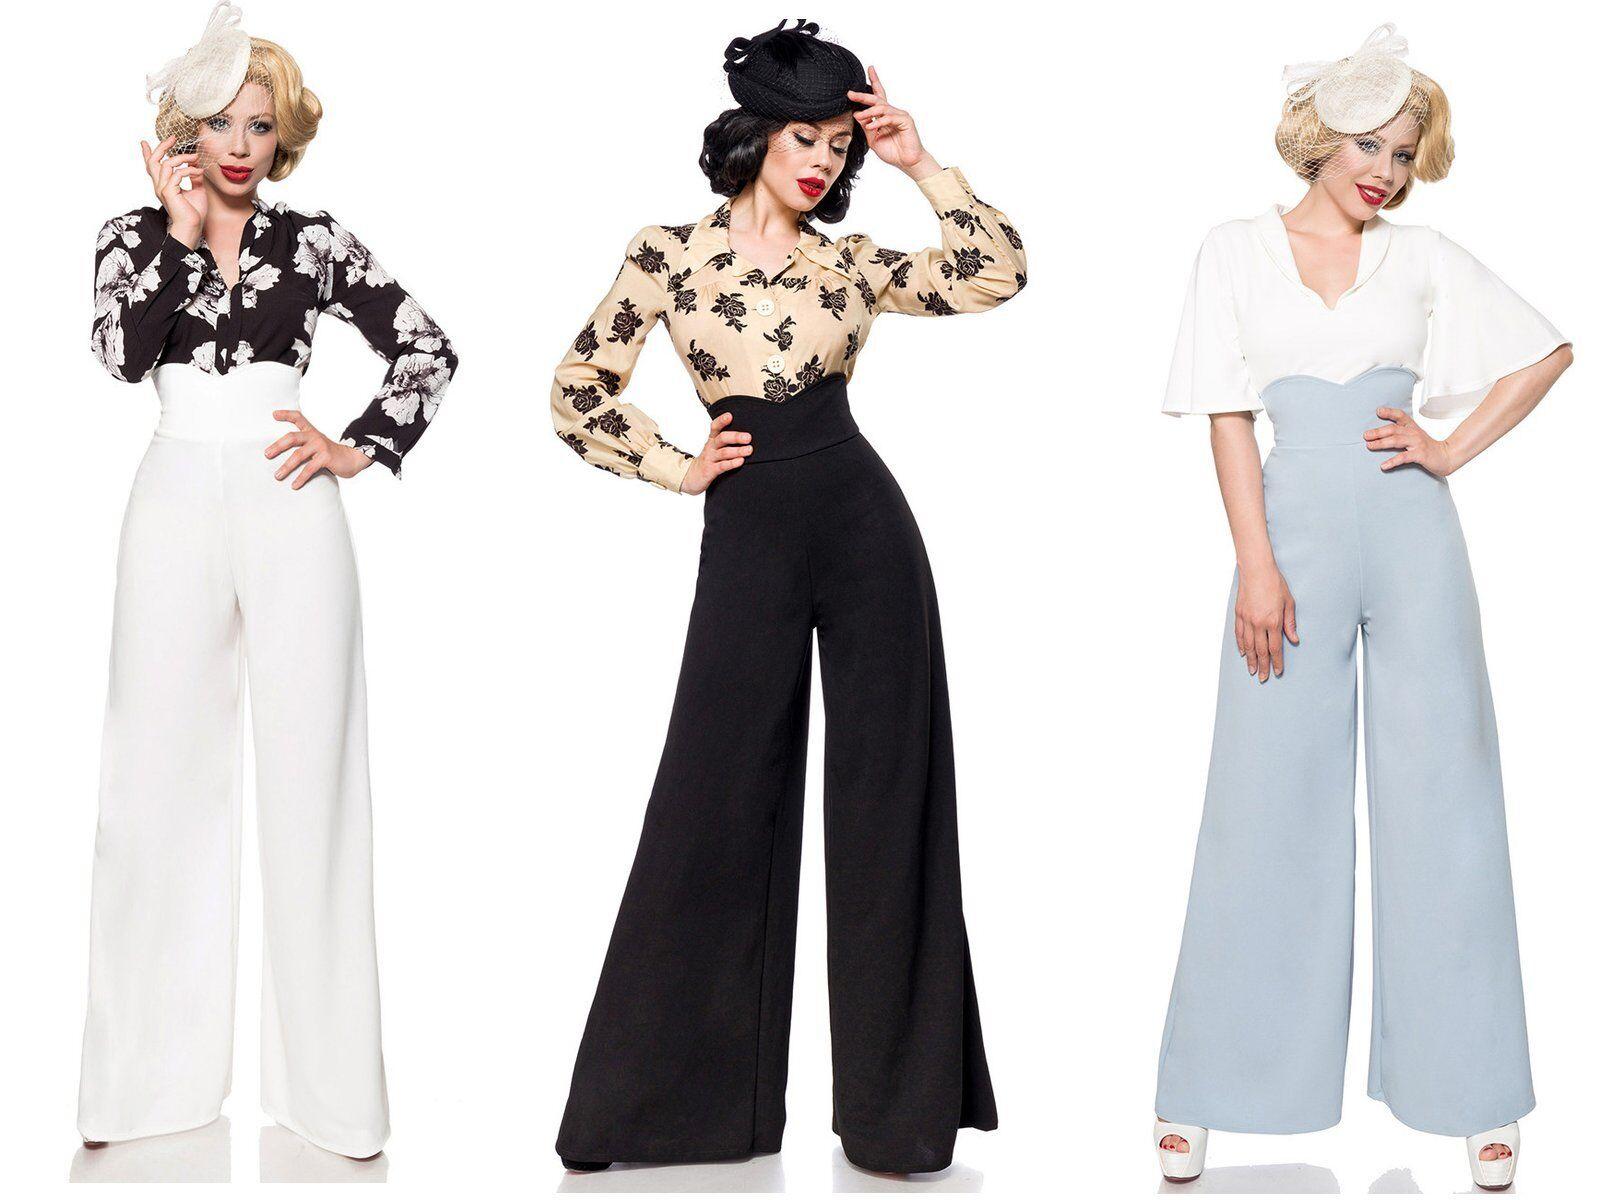 Weite Marlene Hosen Damen hohe Taille Vintage Retro 5 Farben Gr. 32-44 Belsira